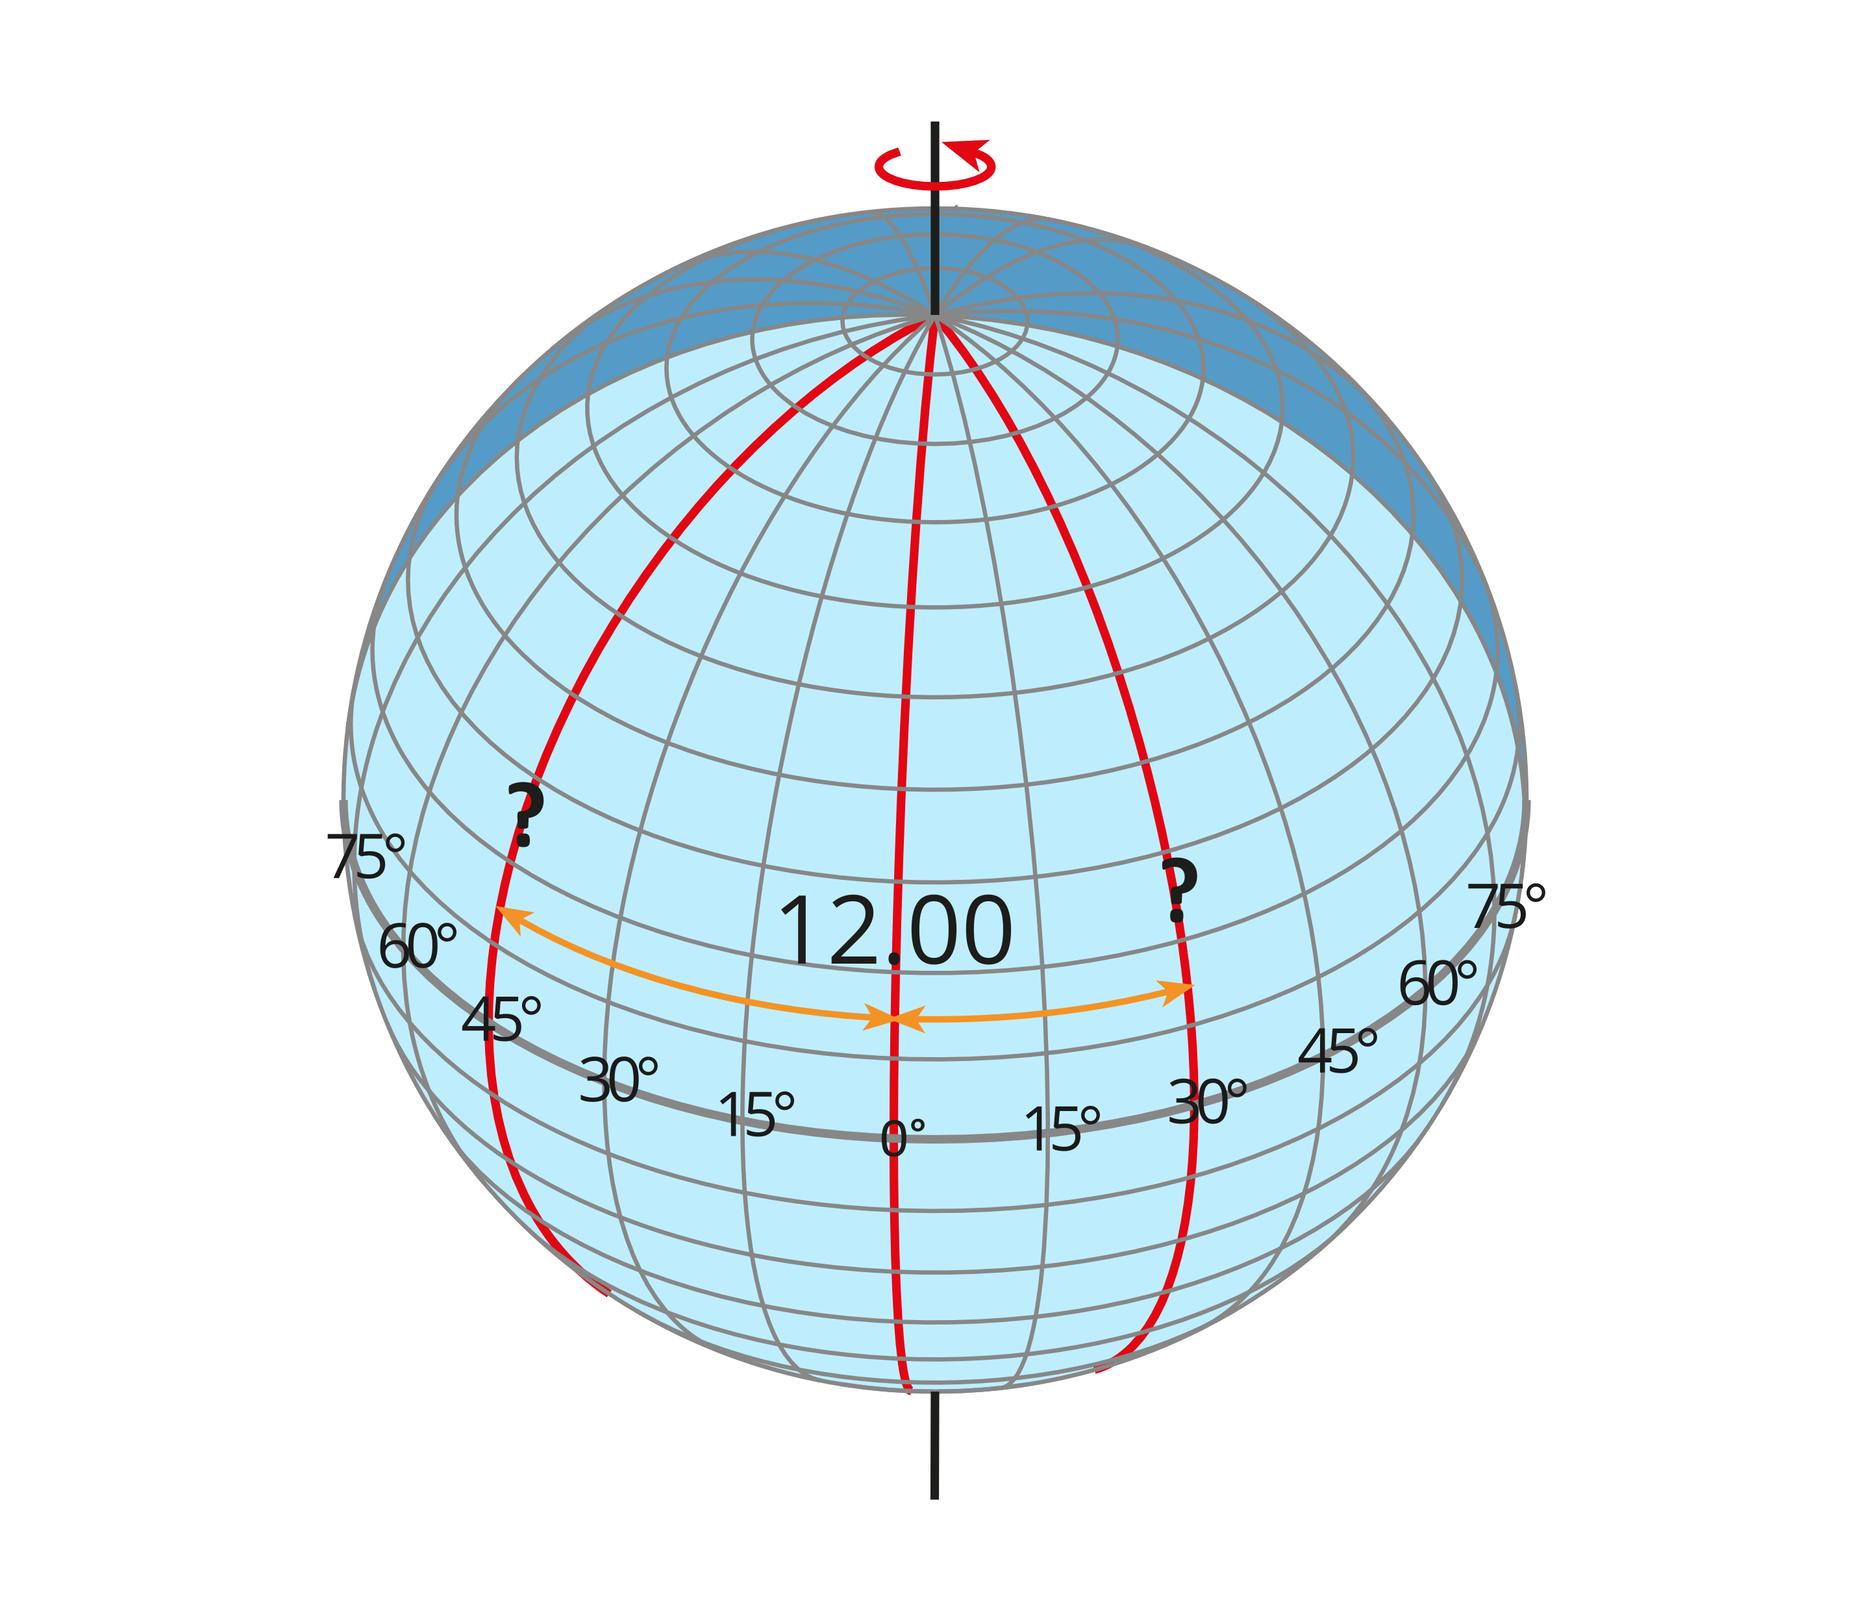 Ilustracja przedstawia glob ziemski. Całą powierzchnię globu pokrywają linie południków irównoleżników. Czarna pionowa linia wyznacza oś Ziemi. Czarna linia równika dzieli glob na część południową ipółnocną. Pionowe linie południków oddalone są od siebie co piętnaście stopni. Dwa pionowe południki oznaczone czerwoną linią. Na wschodniej, prawej półkuli linia przechodzi przez równik wpunkcie 30 stopni. Na zachodniej, lewej półkuli, linia południka przecina równik wpunkcie 45 stopni. Dwie poziome strzałki wskazują grotami odległość pomiędzy lewym południkiem ipołudnikiem zero oraz prawym południkiem ipołudnikiem zero. Opis – godzina dwunasta umieszczona na południku zerowym powyżej równika.